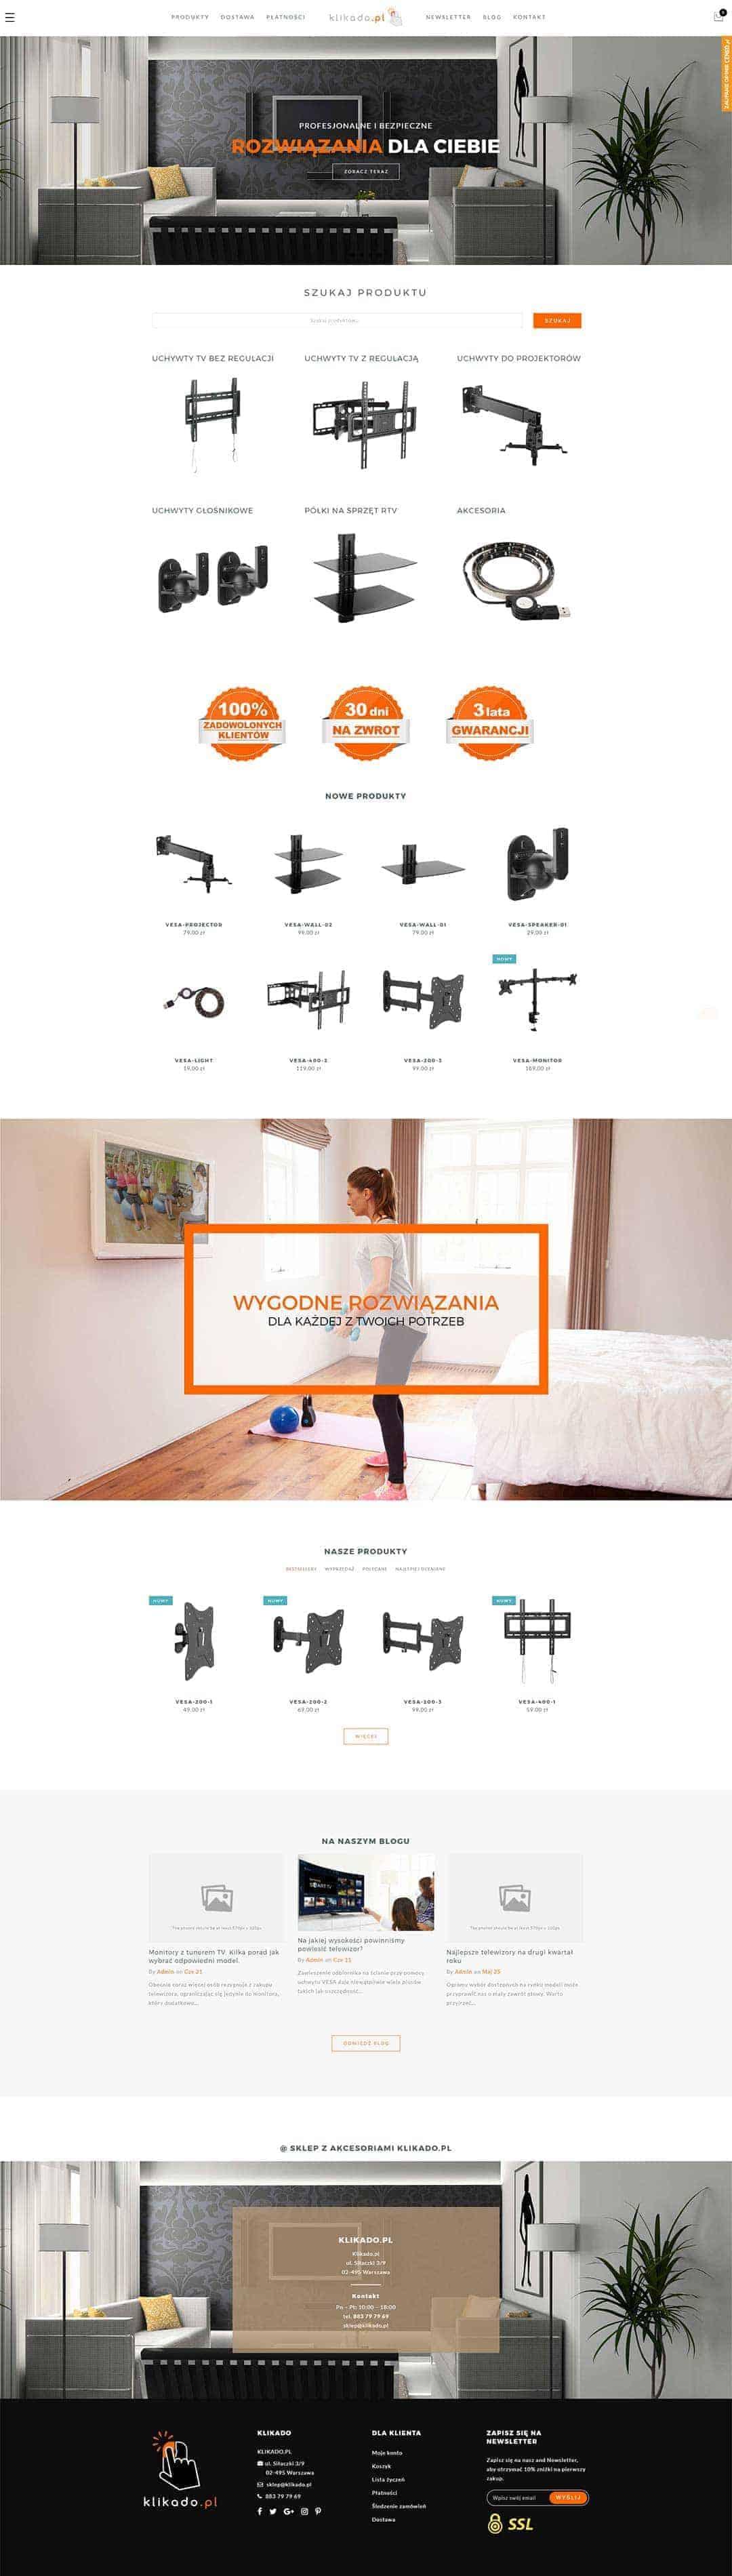 Strona główna sklepu internetowego Klikado